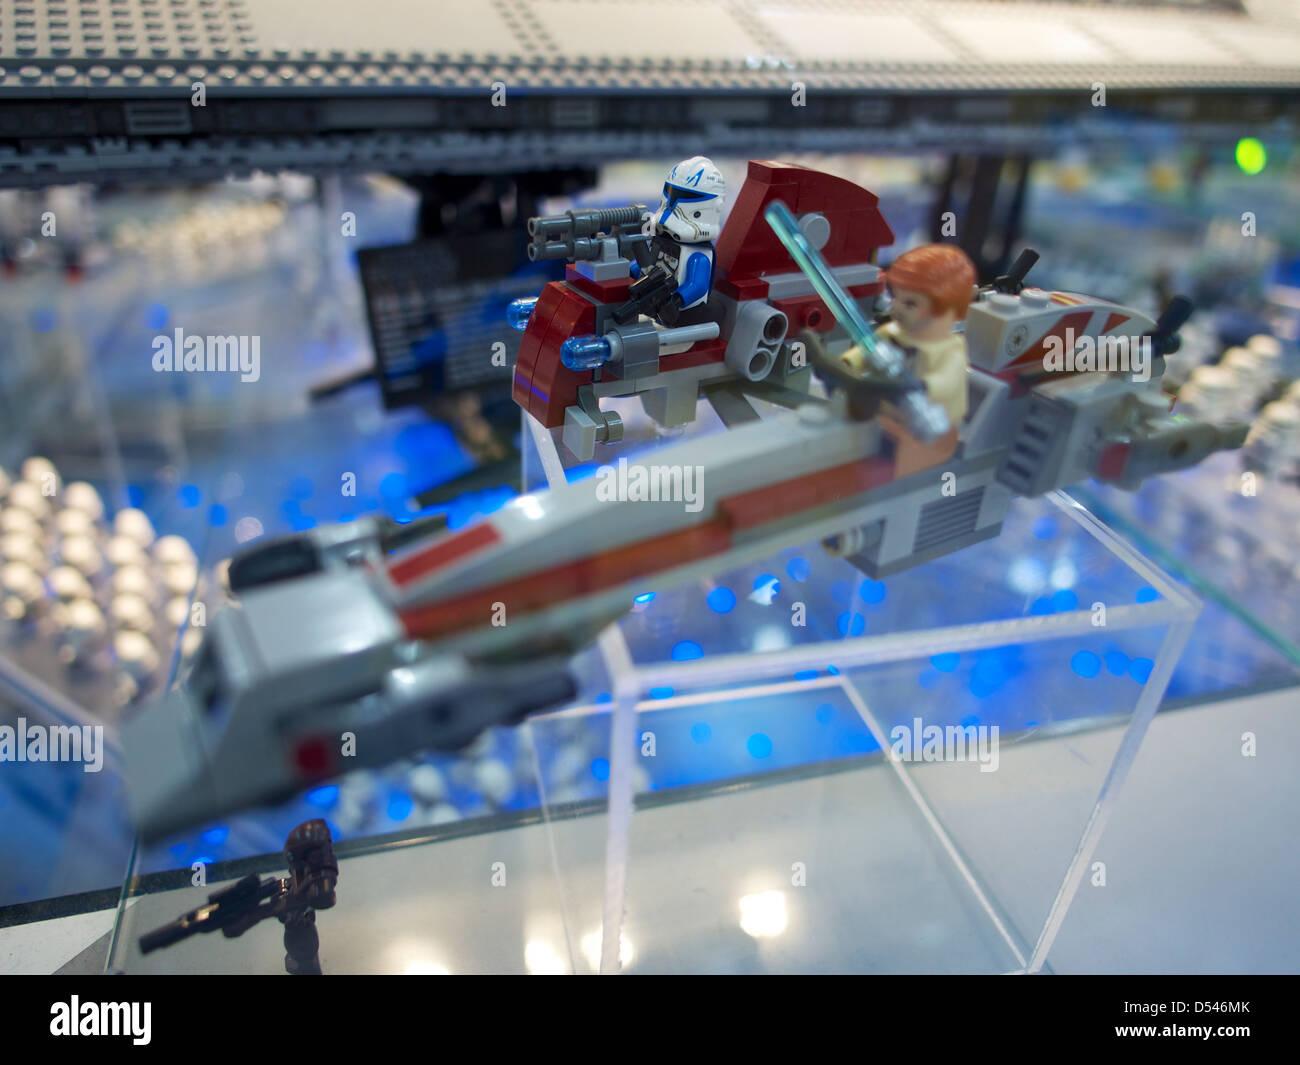 Erfreut Star Wars Lego Färbung Seite Zeitgenössisch - Druckbare ...